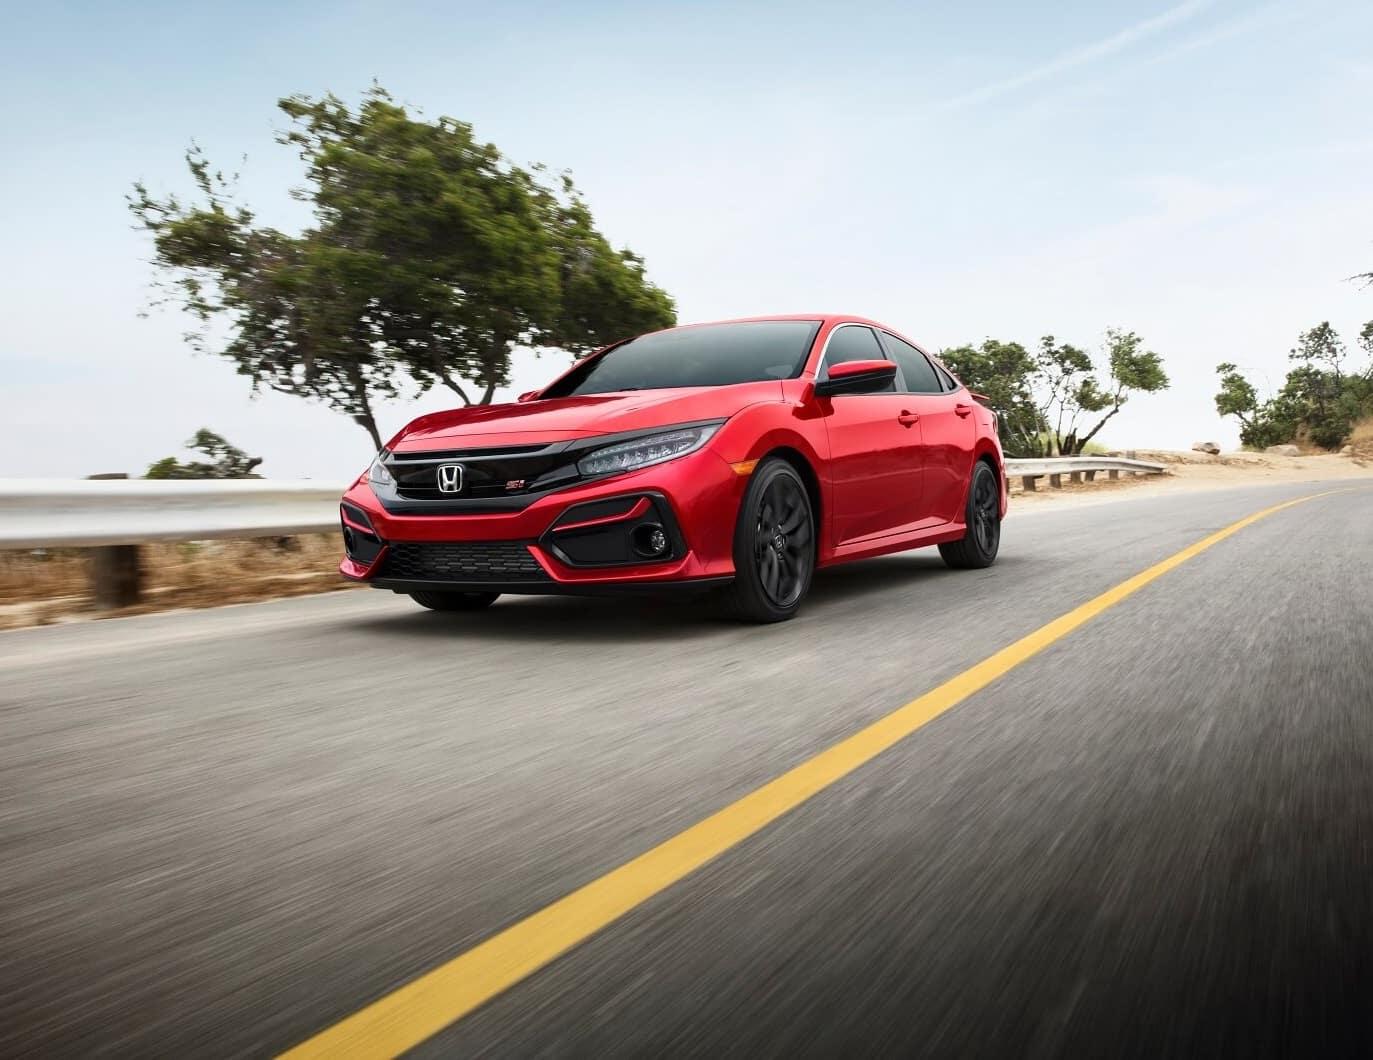 Honda Civic Engine Specs